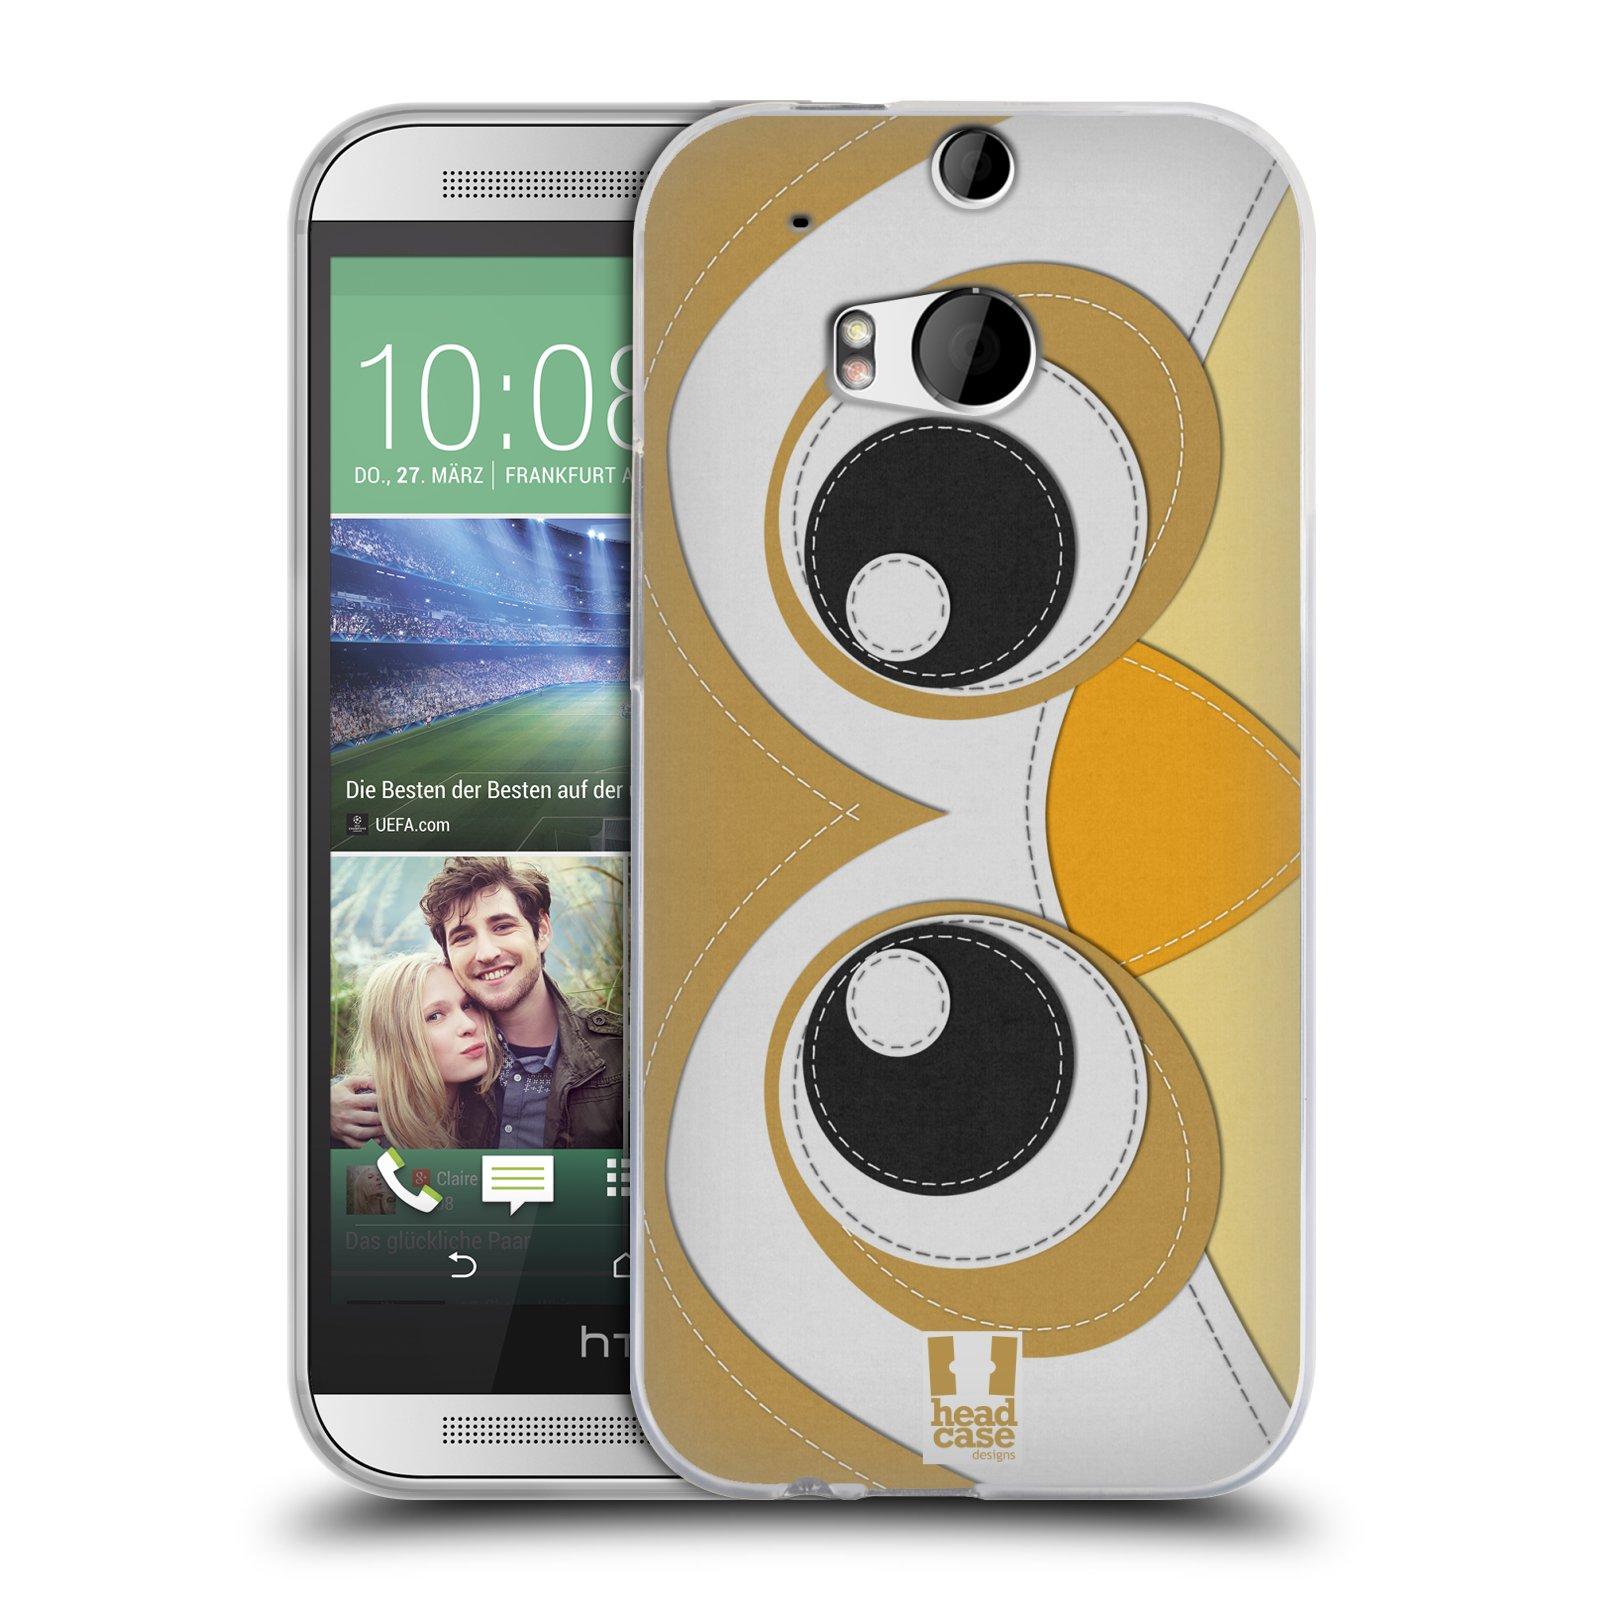 HEAD CASE silikonový obal na mobil HTC ONE (M8) vzor zvířecí nášivka sovička